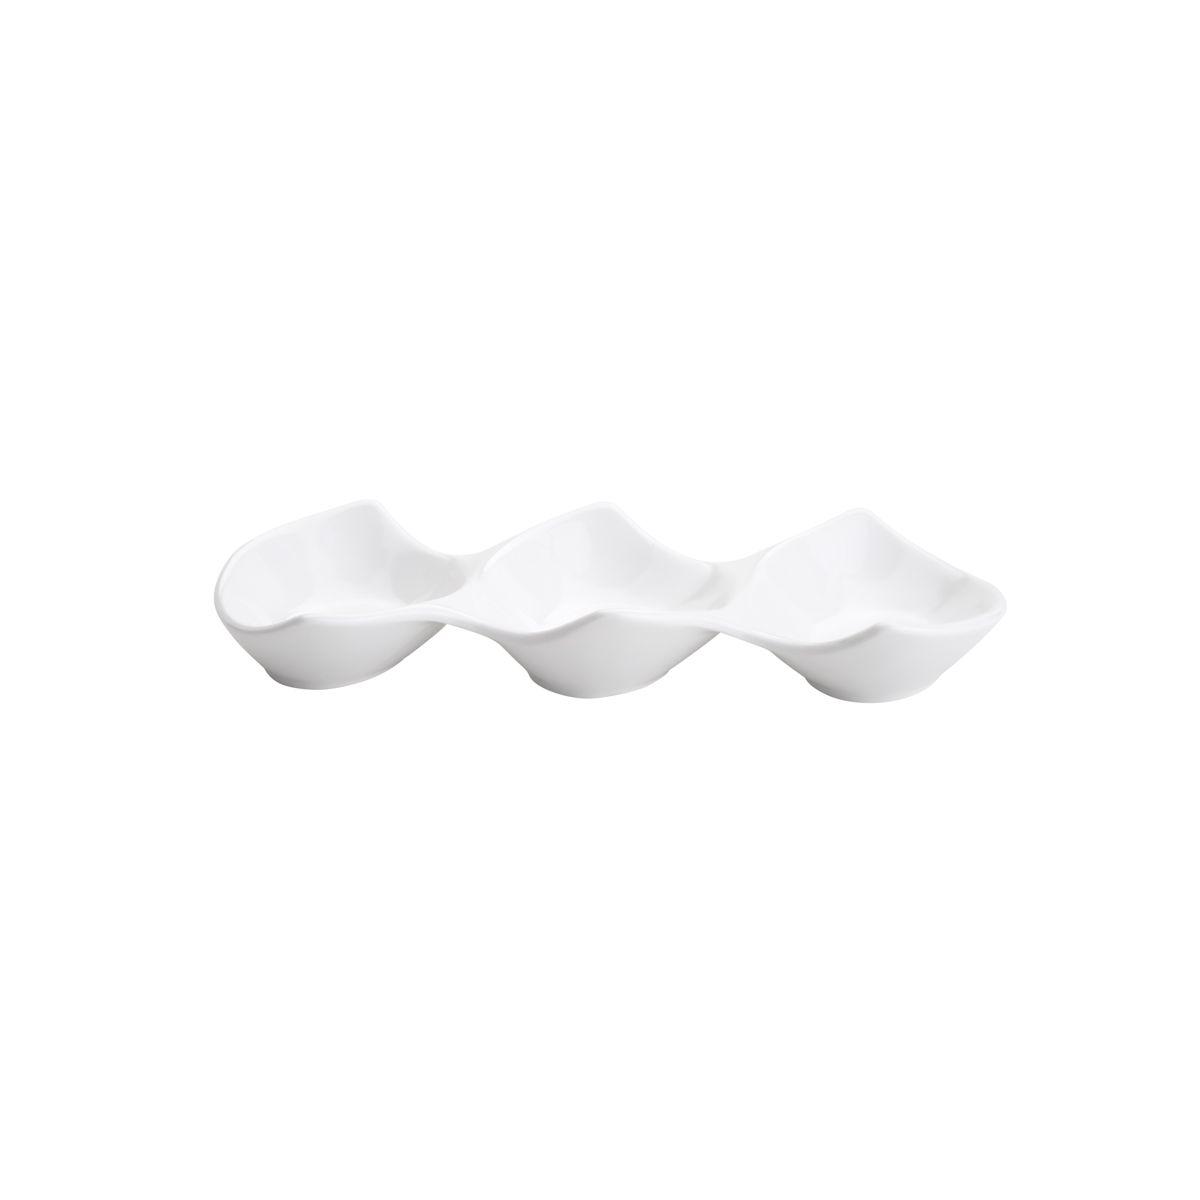 Petisqueira c/ 3 Divisões Bon Gourmet em Porcelana 27359